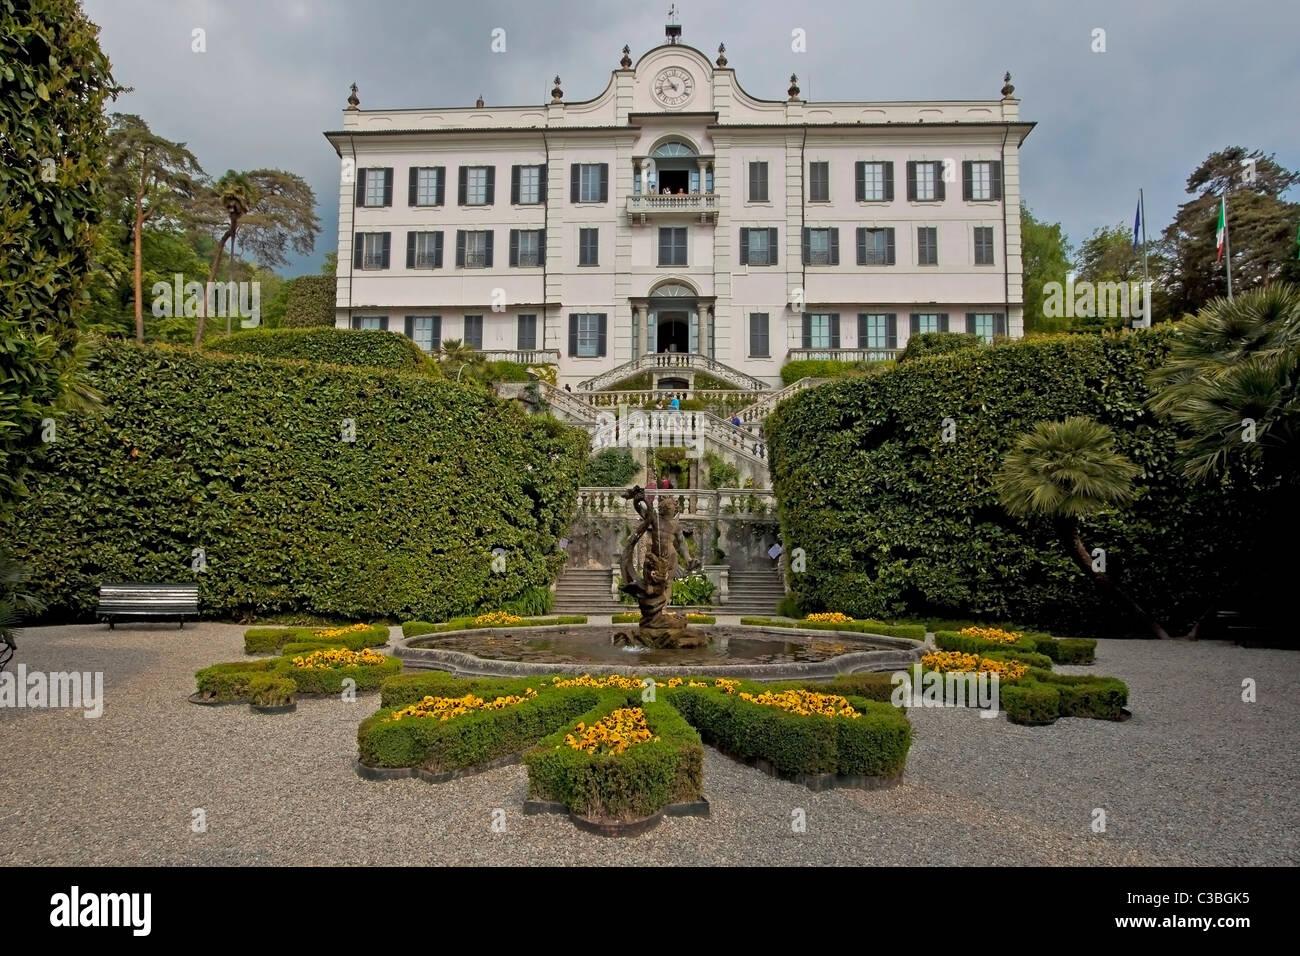 Villa Carlotta und der berühmte botanische Garten - Stock Image